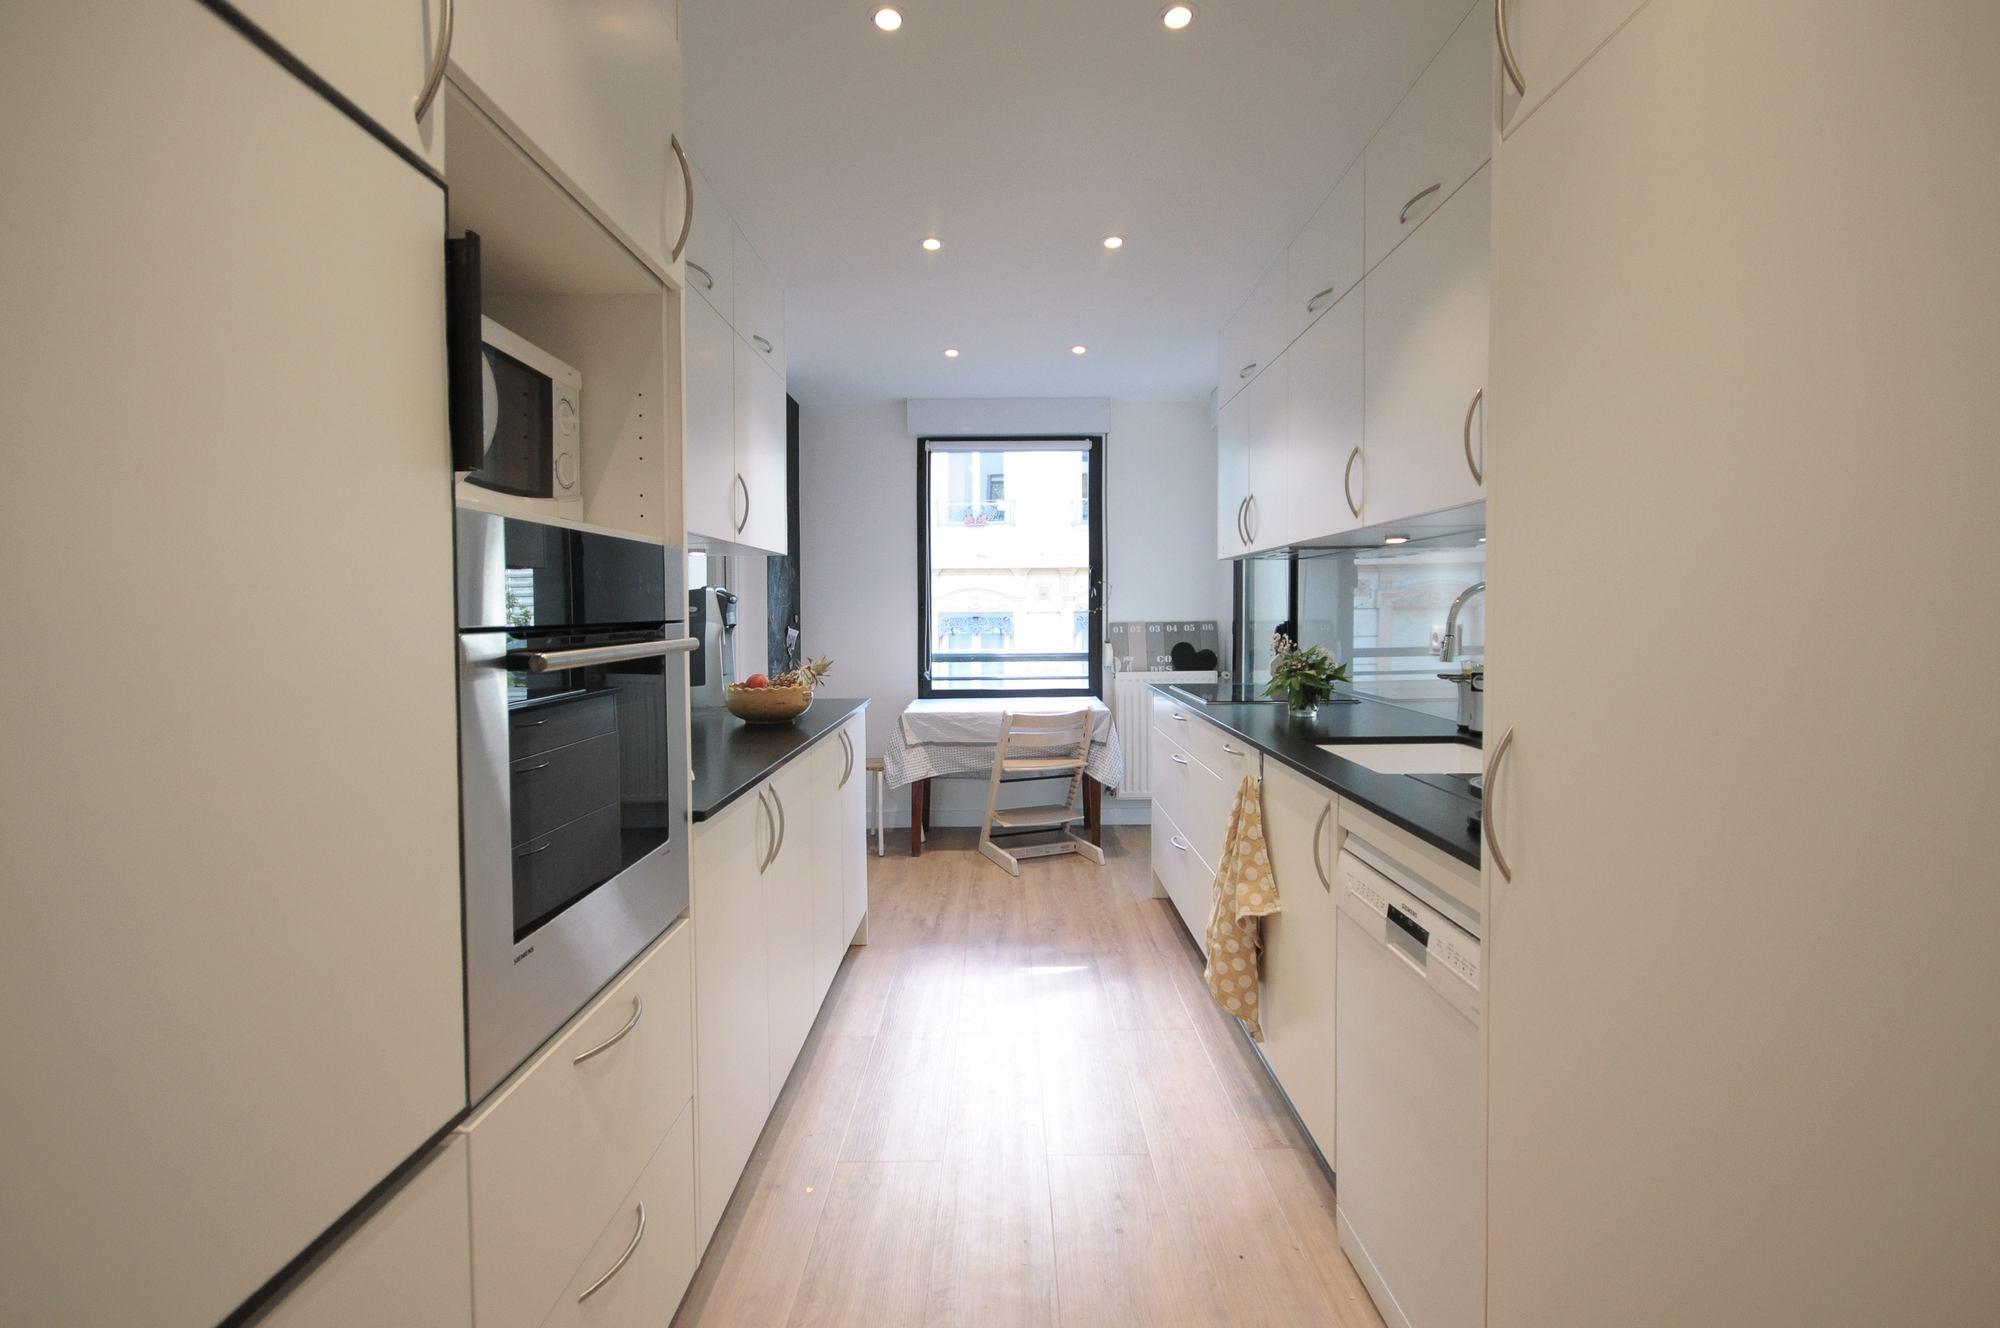 meubles-cuisine-appartement-lyon-69003